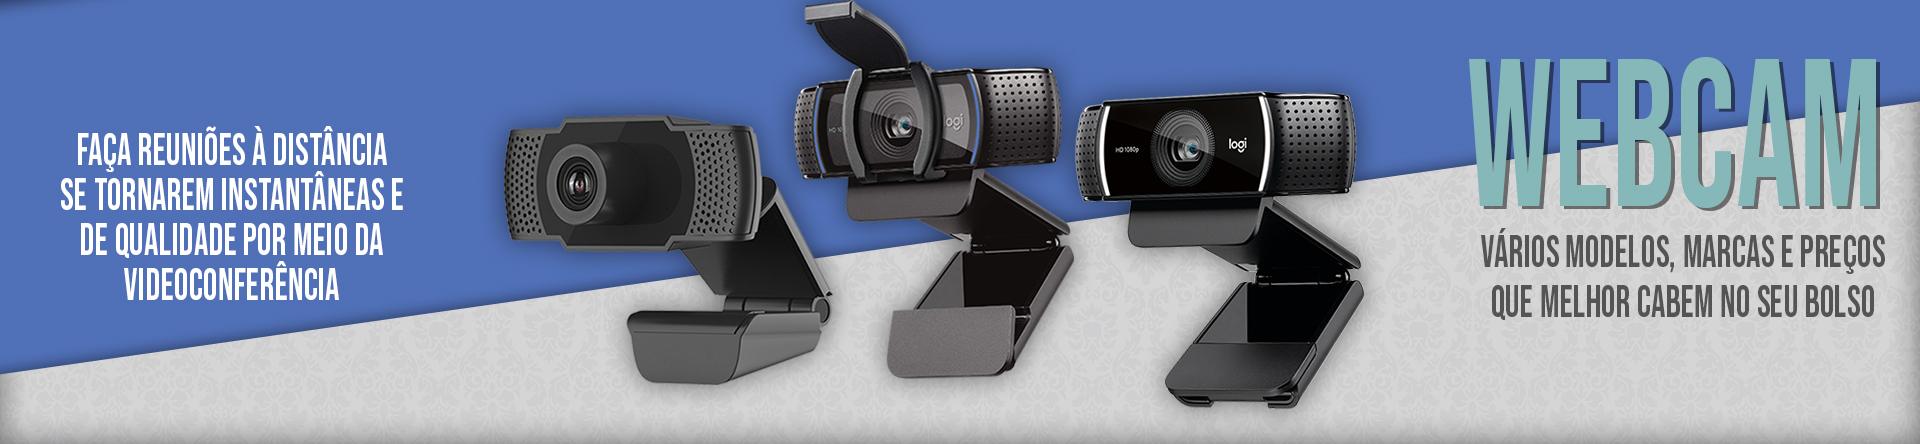 linha de webcam